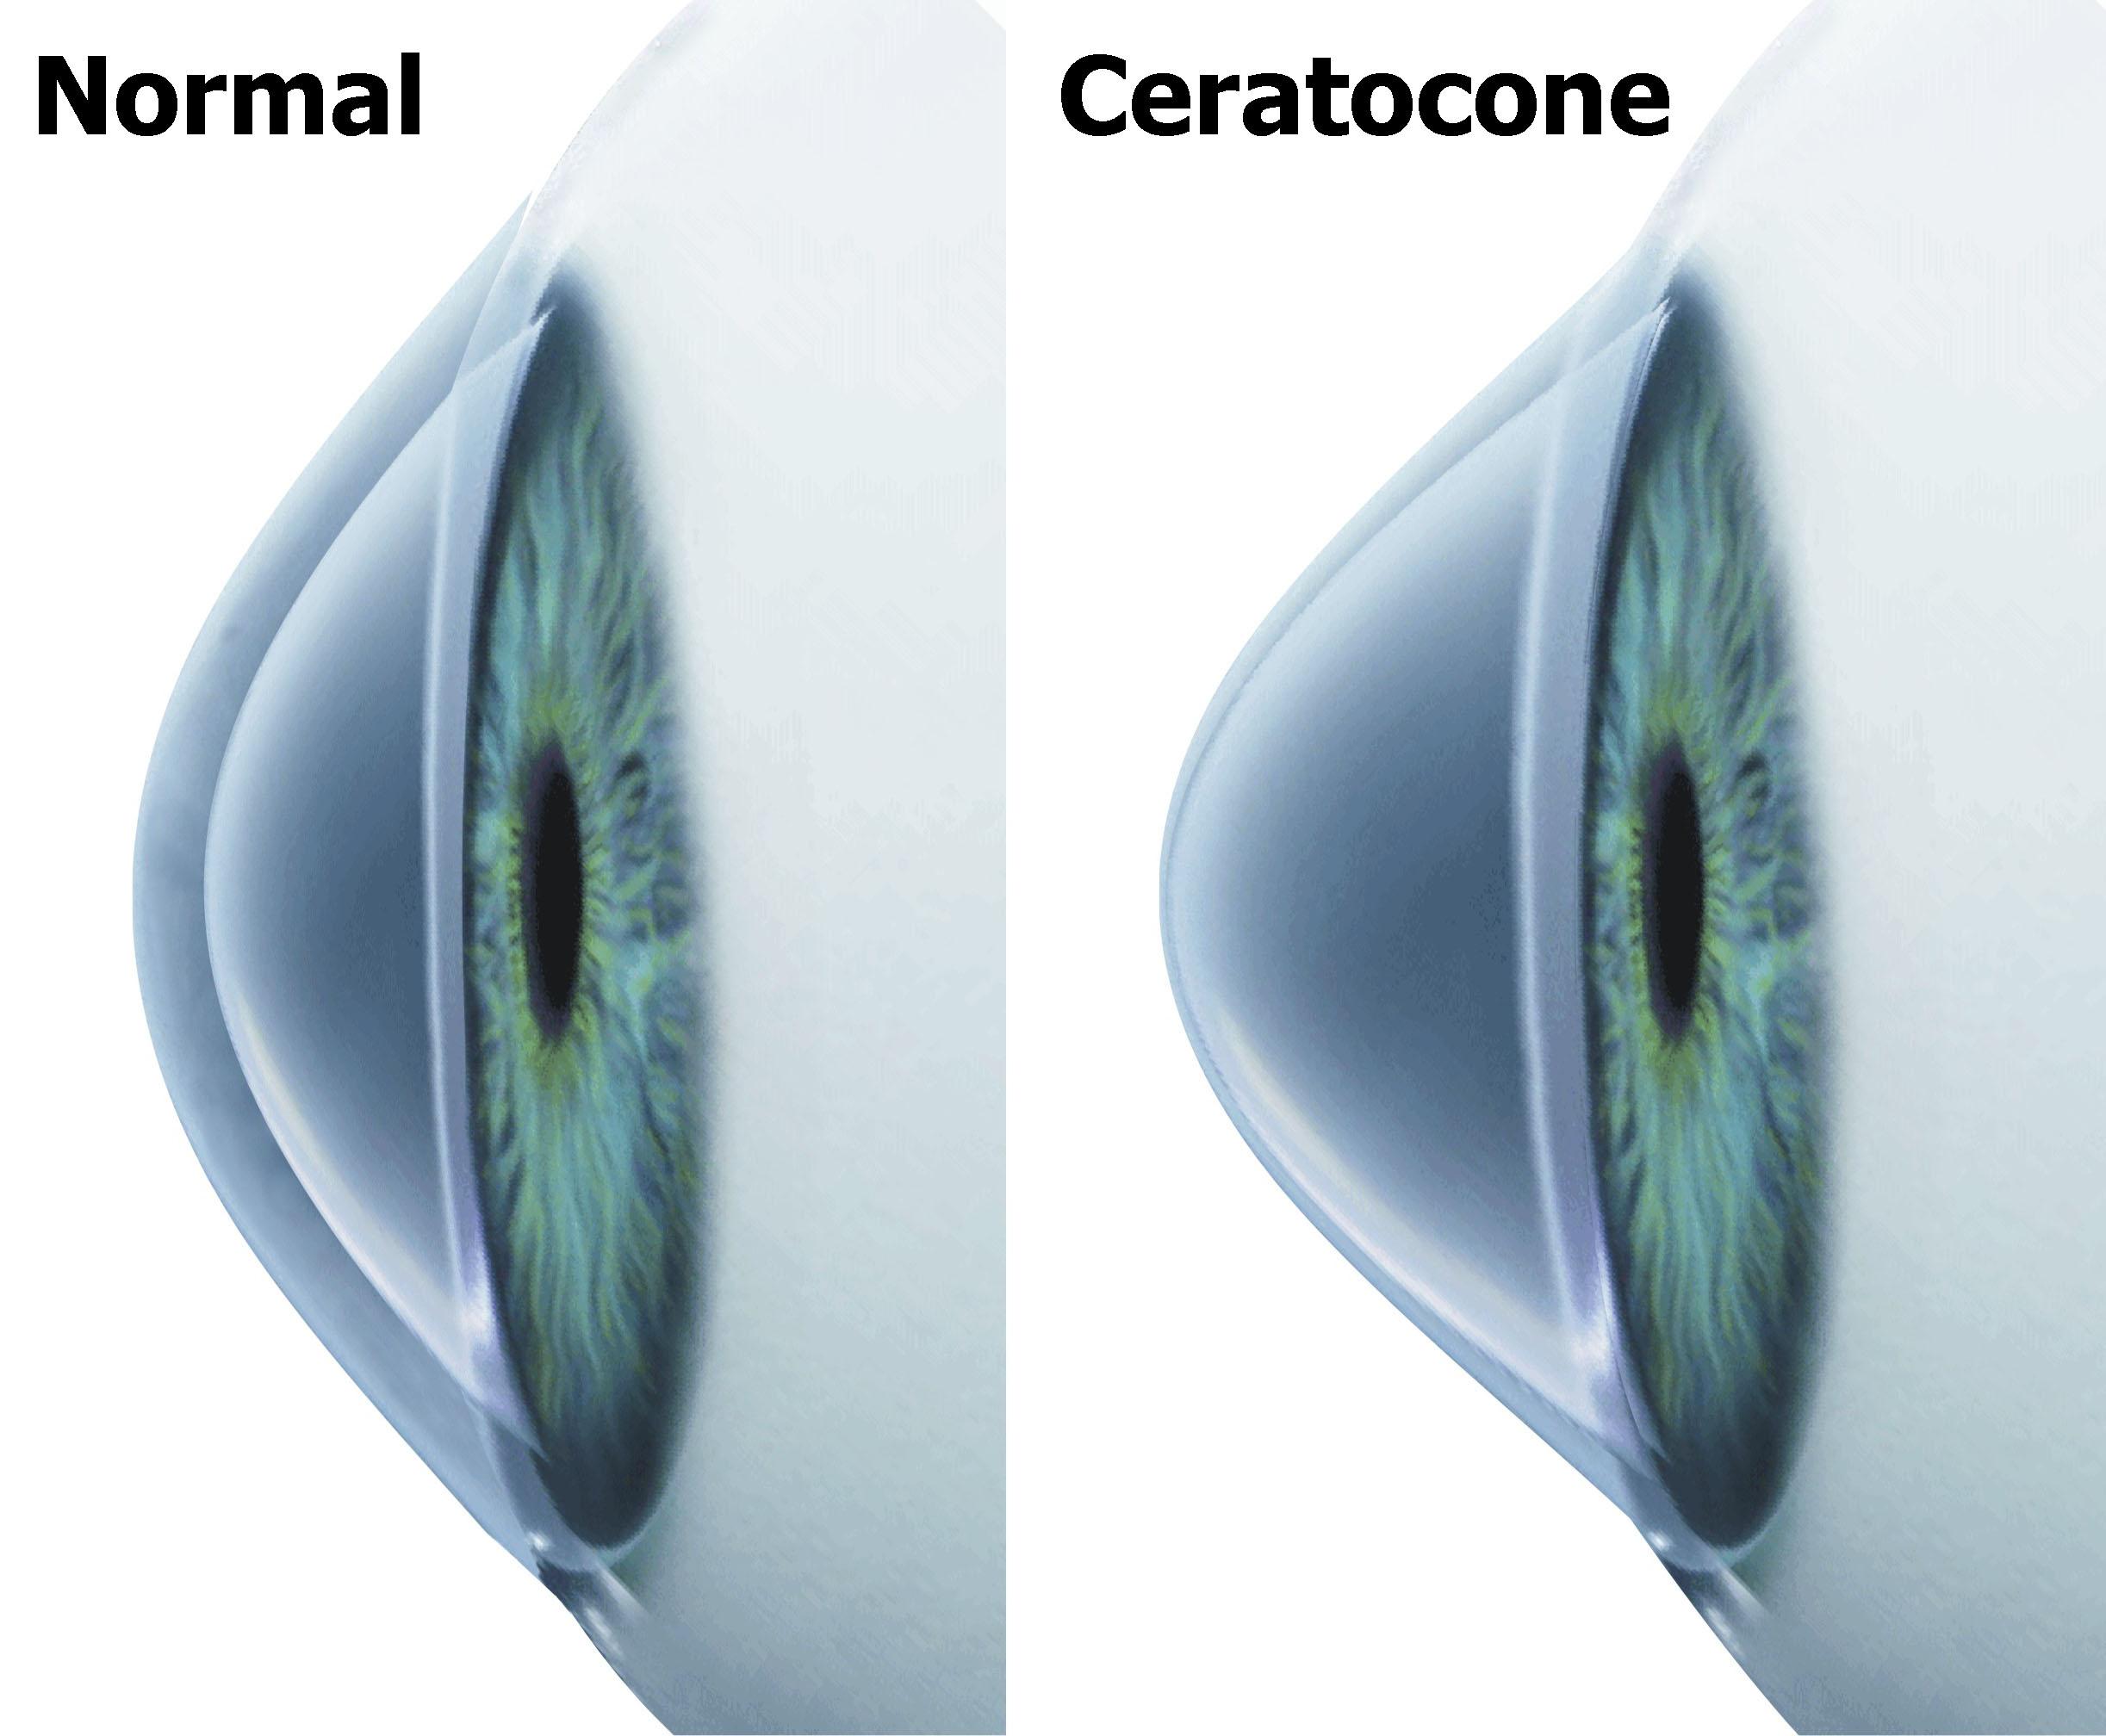 e59e80a3527ef Cirurgia de Ceratocone em Curitiba